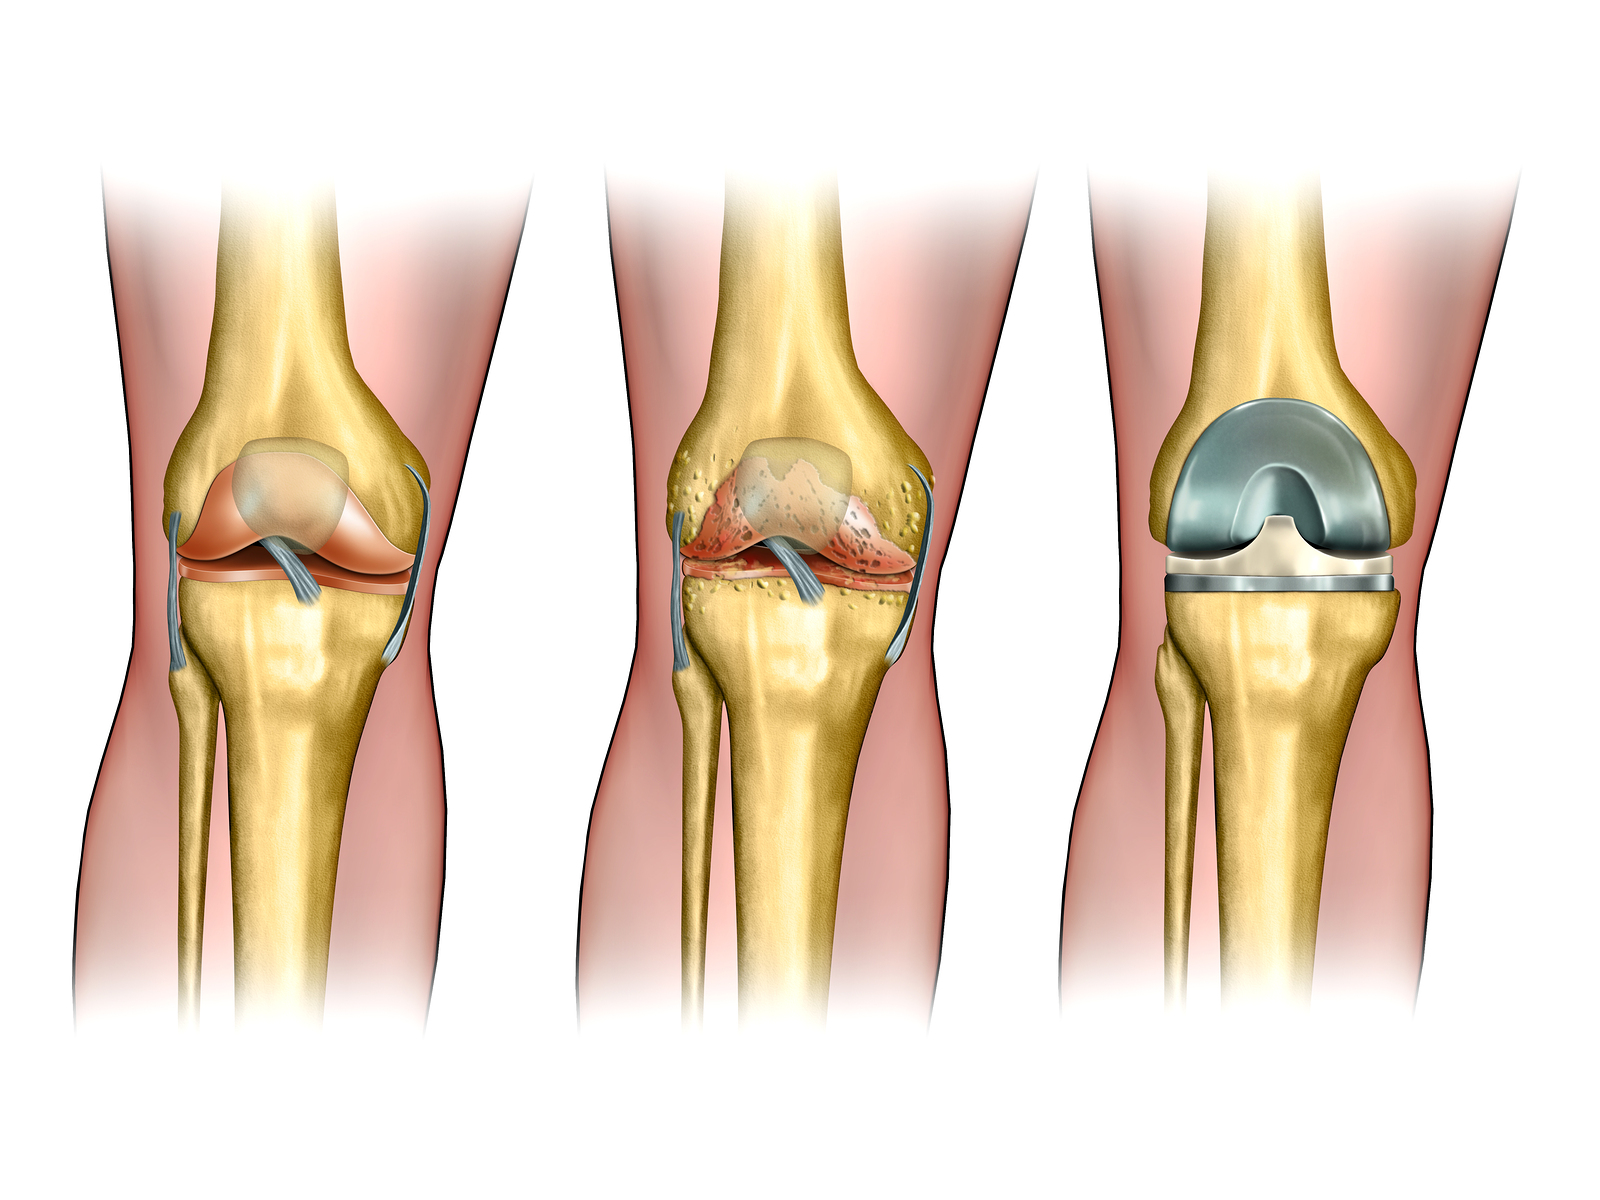 Эндопротез коленного сустава сша инфекция заболевание сустава